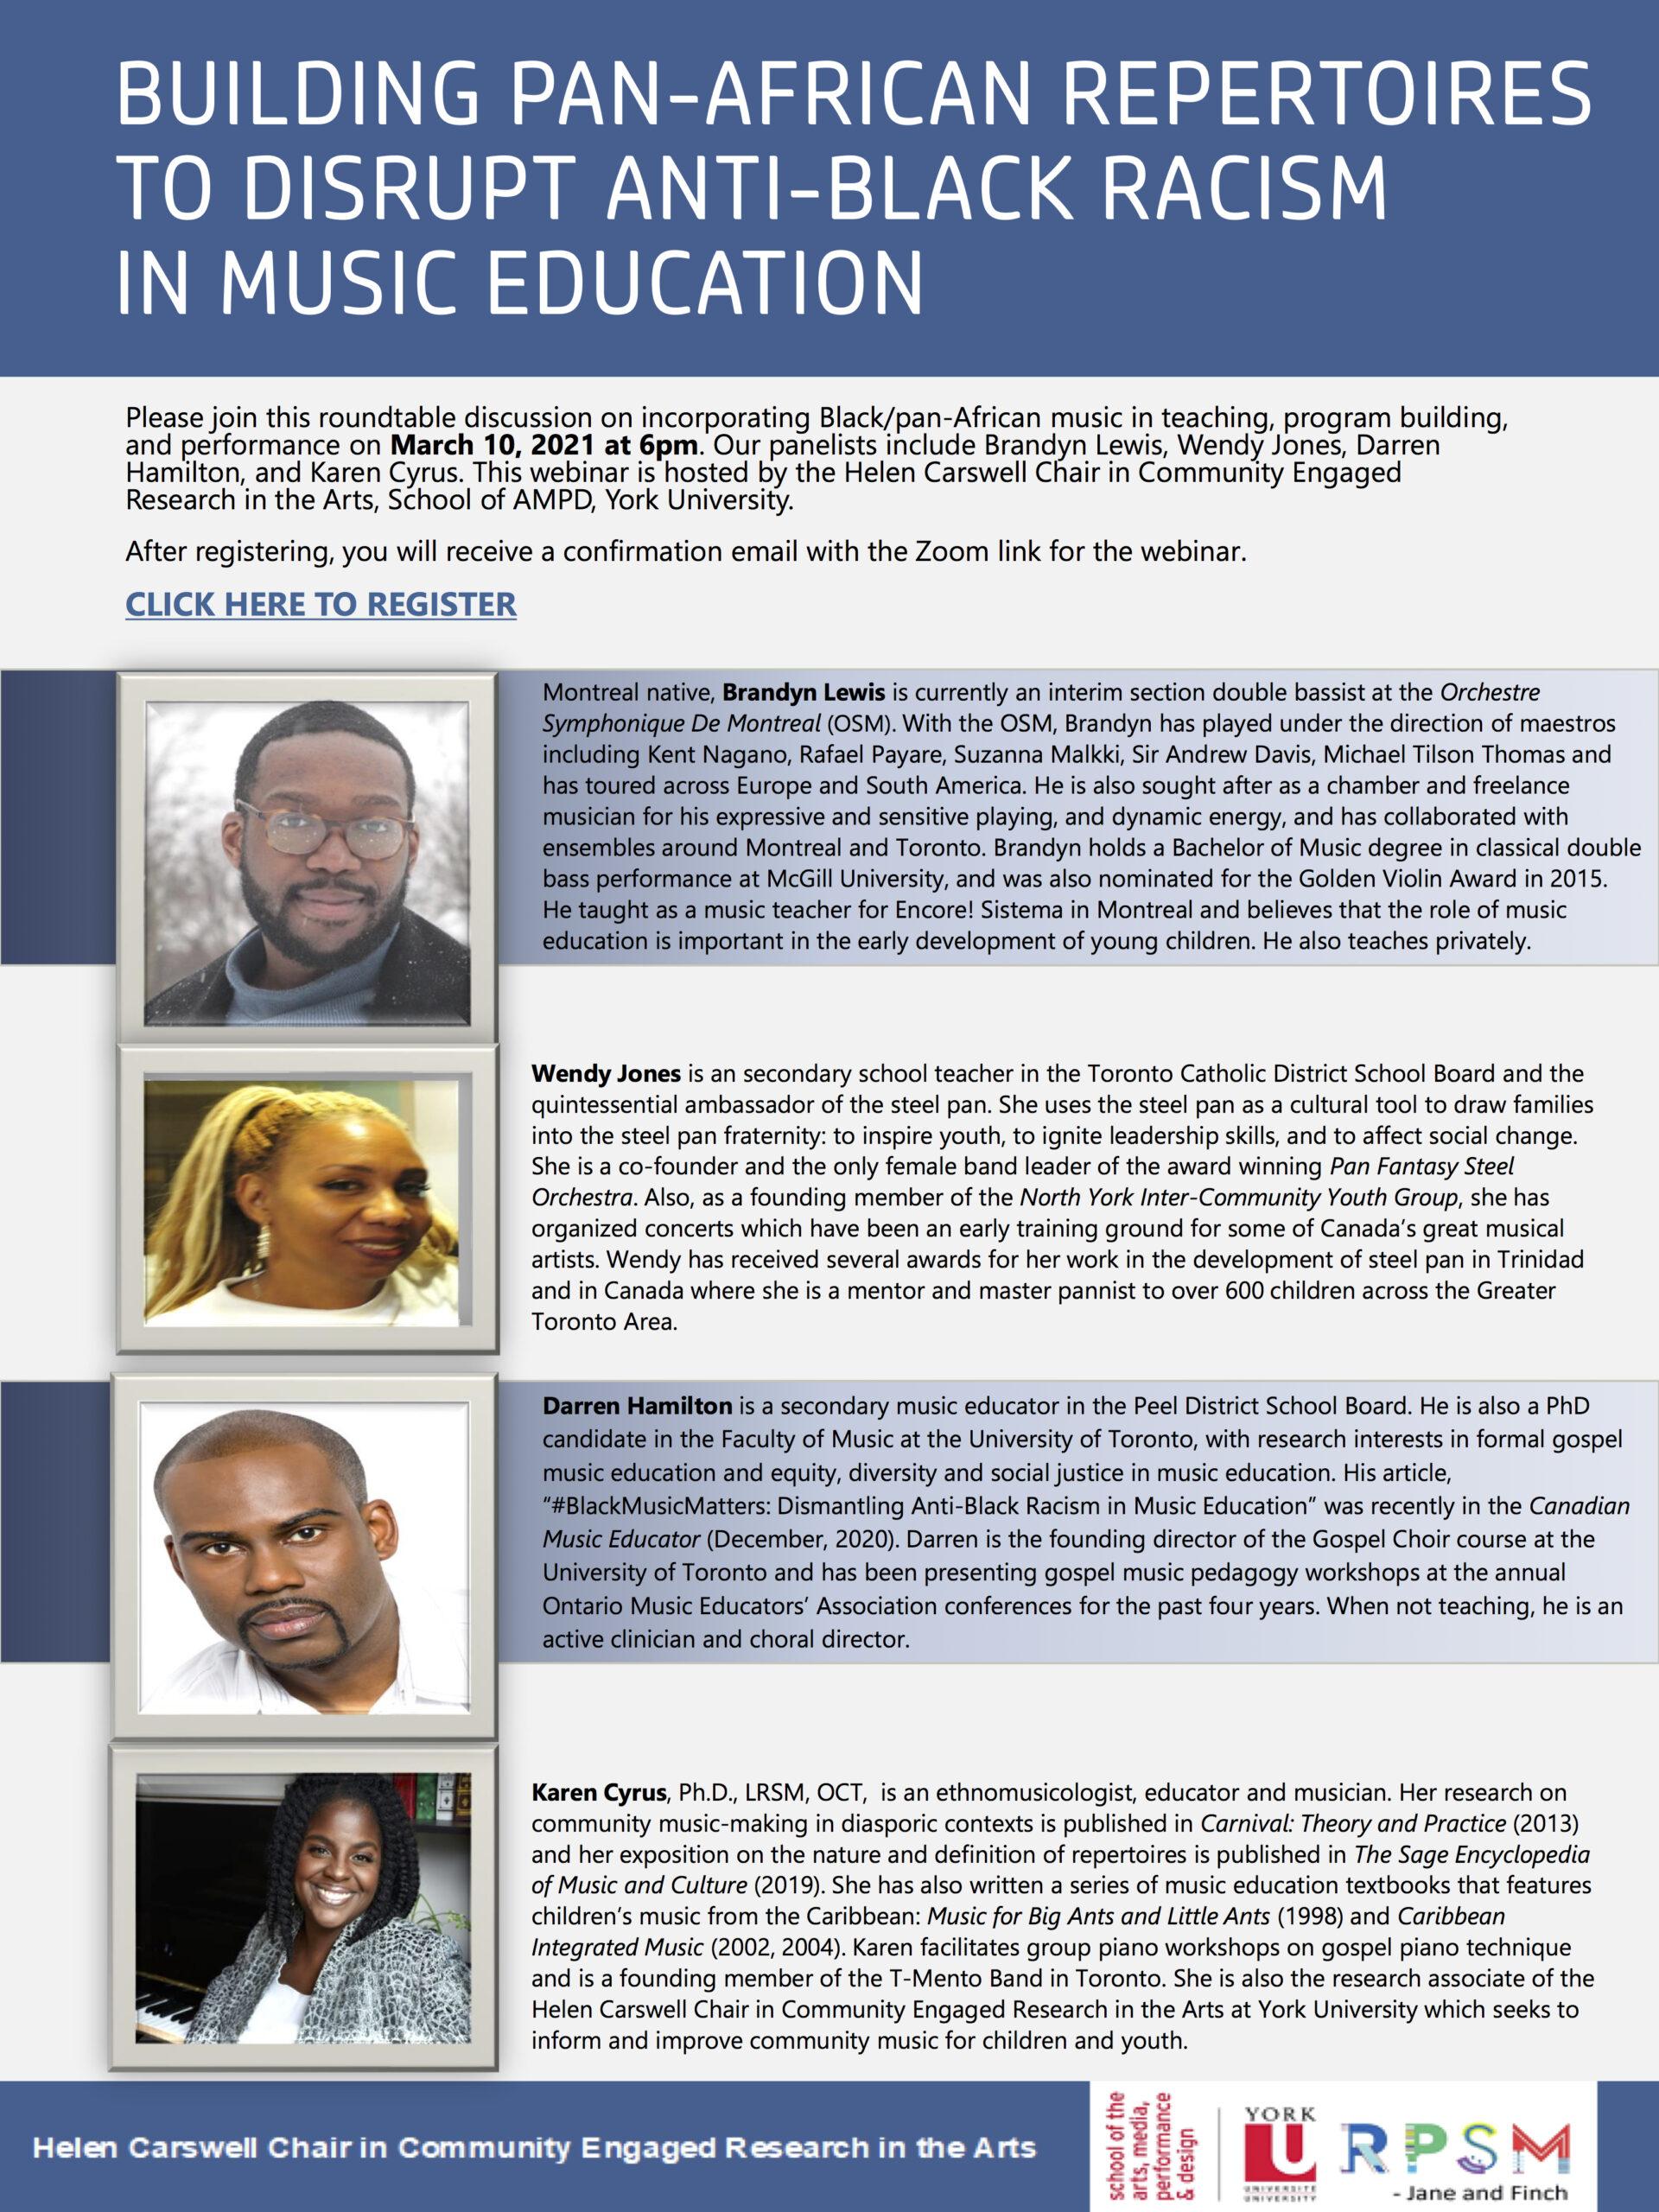 Building Pan African Repertoires poster